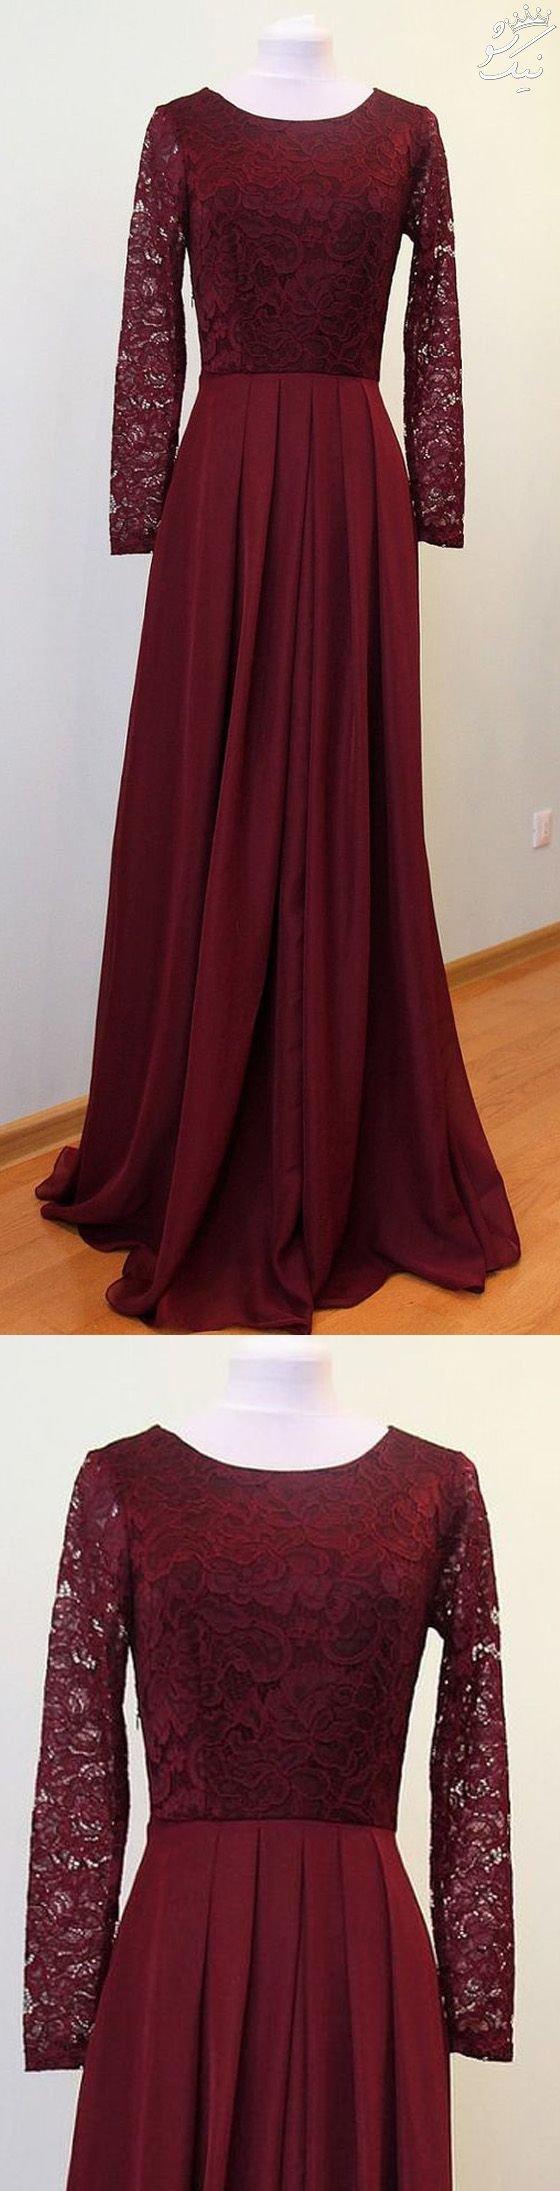 مدل لباس های ساقدوش عروس واقعا شیک و جذاب